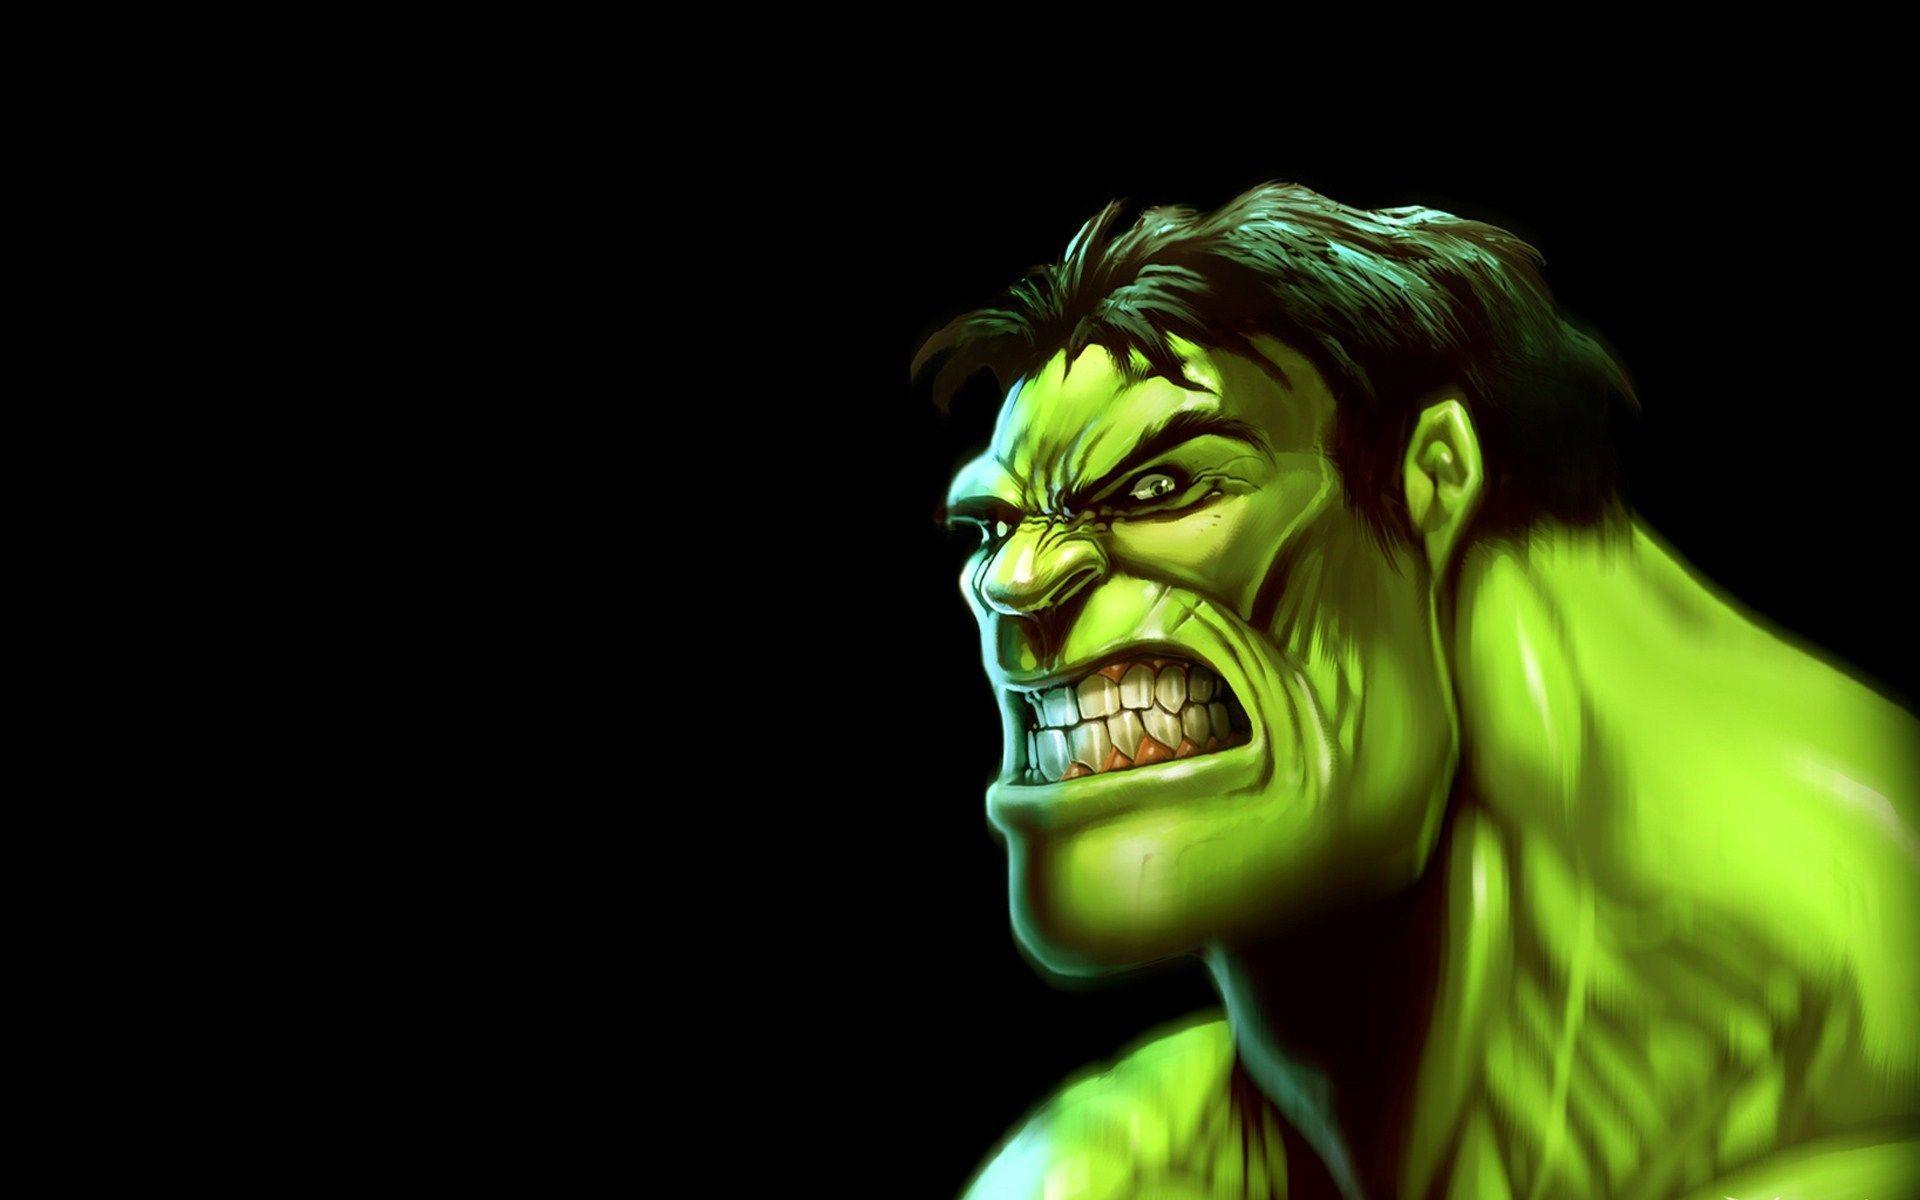 hulk wallpapers for desktop - sf wallpaper